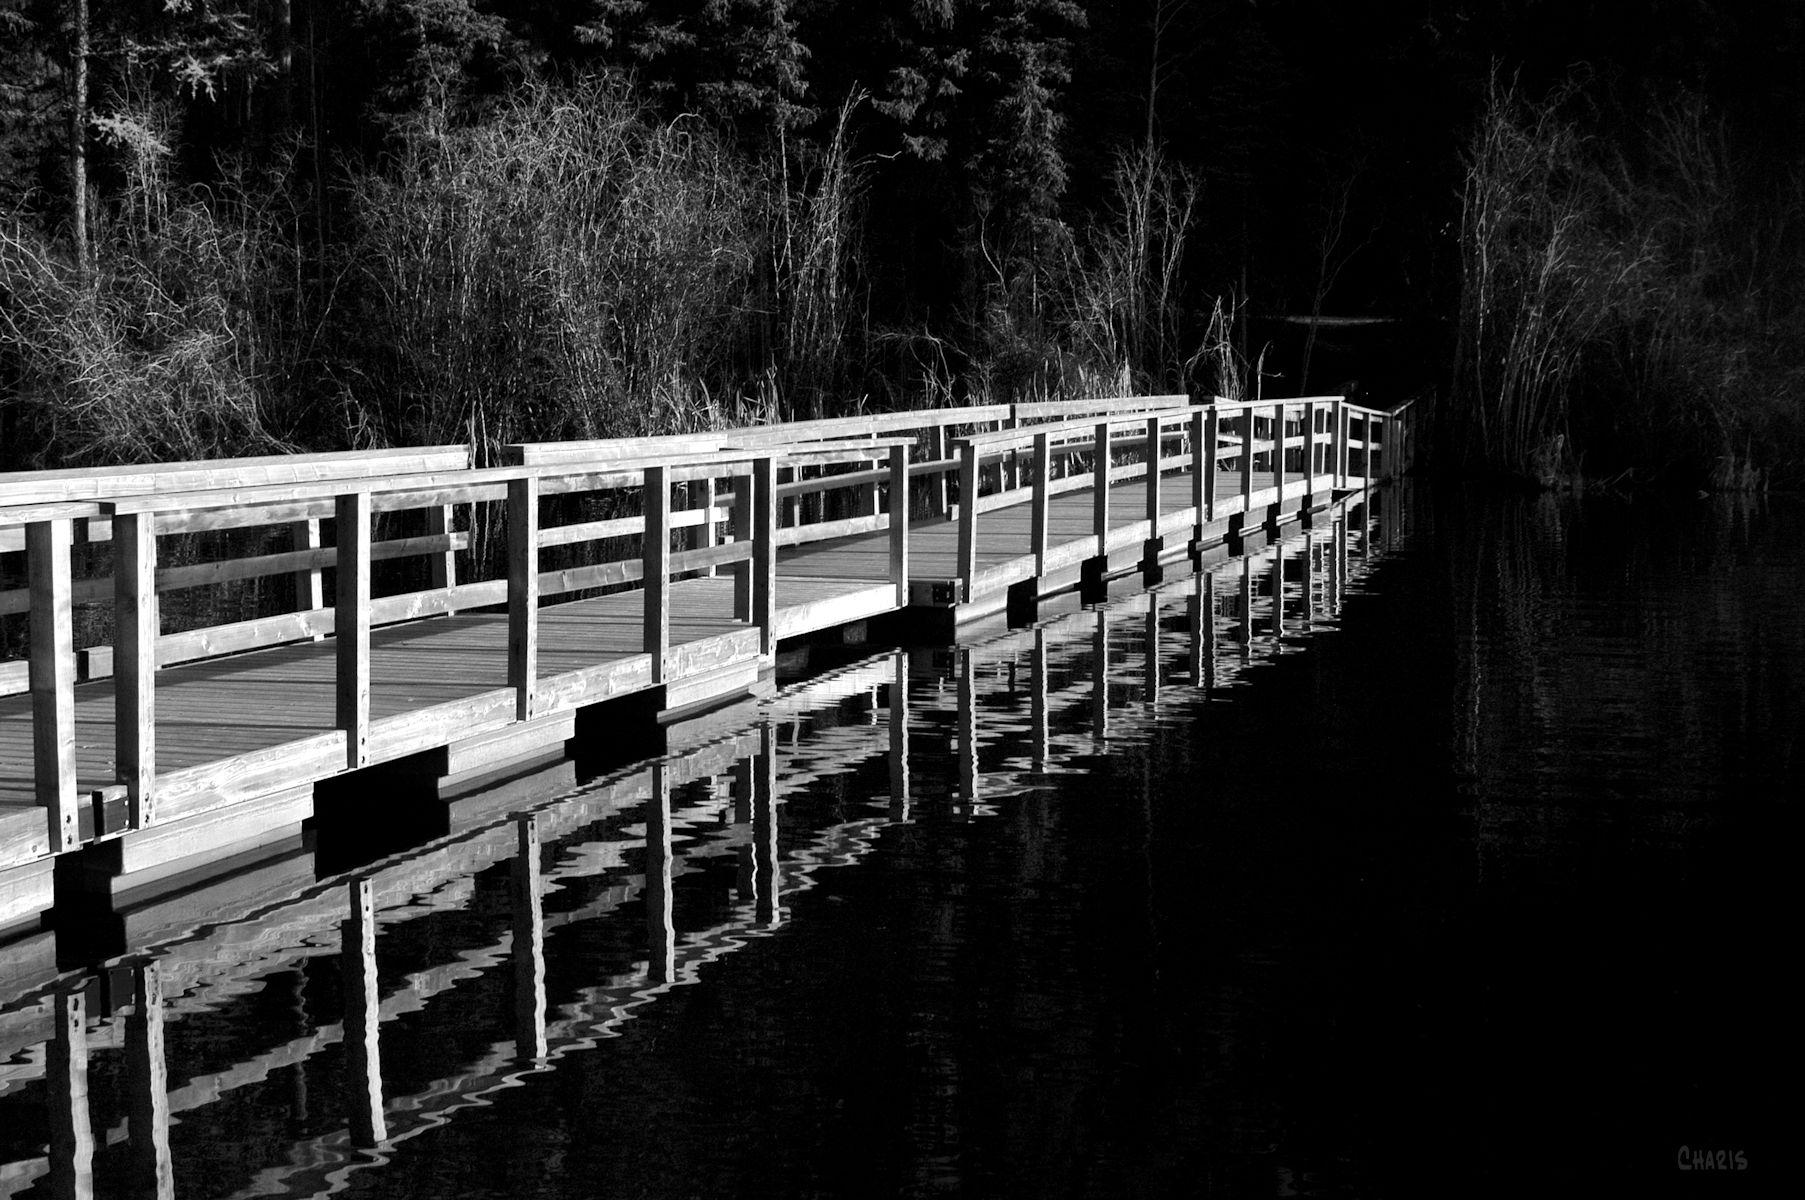 jimsmith-dock-bw-ch-rs-dsc_0403